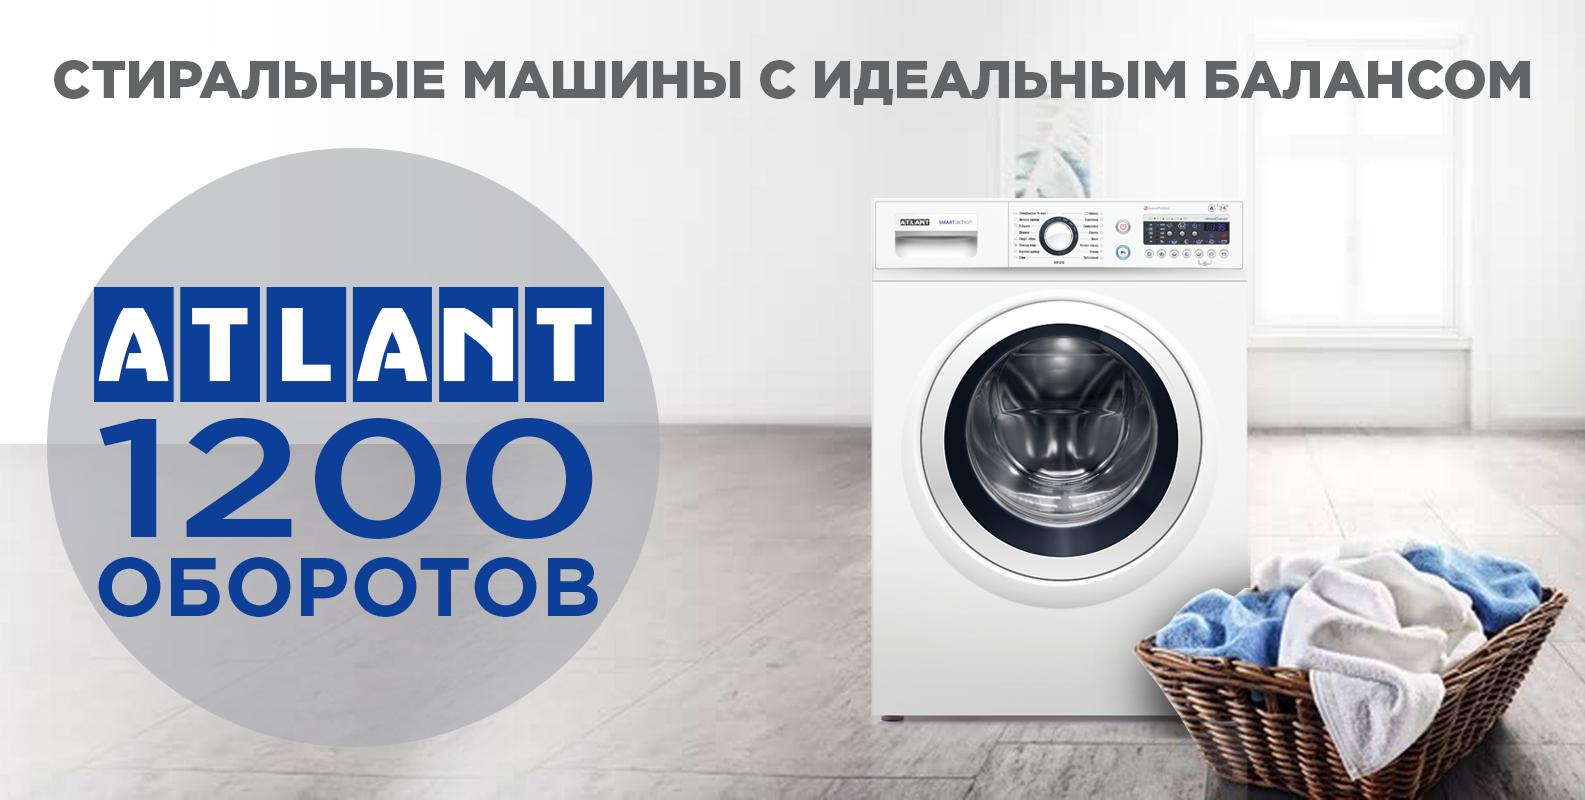 Стиральная машина АТЛАНТ 1200 оборотов